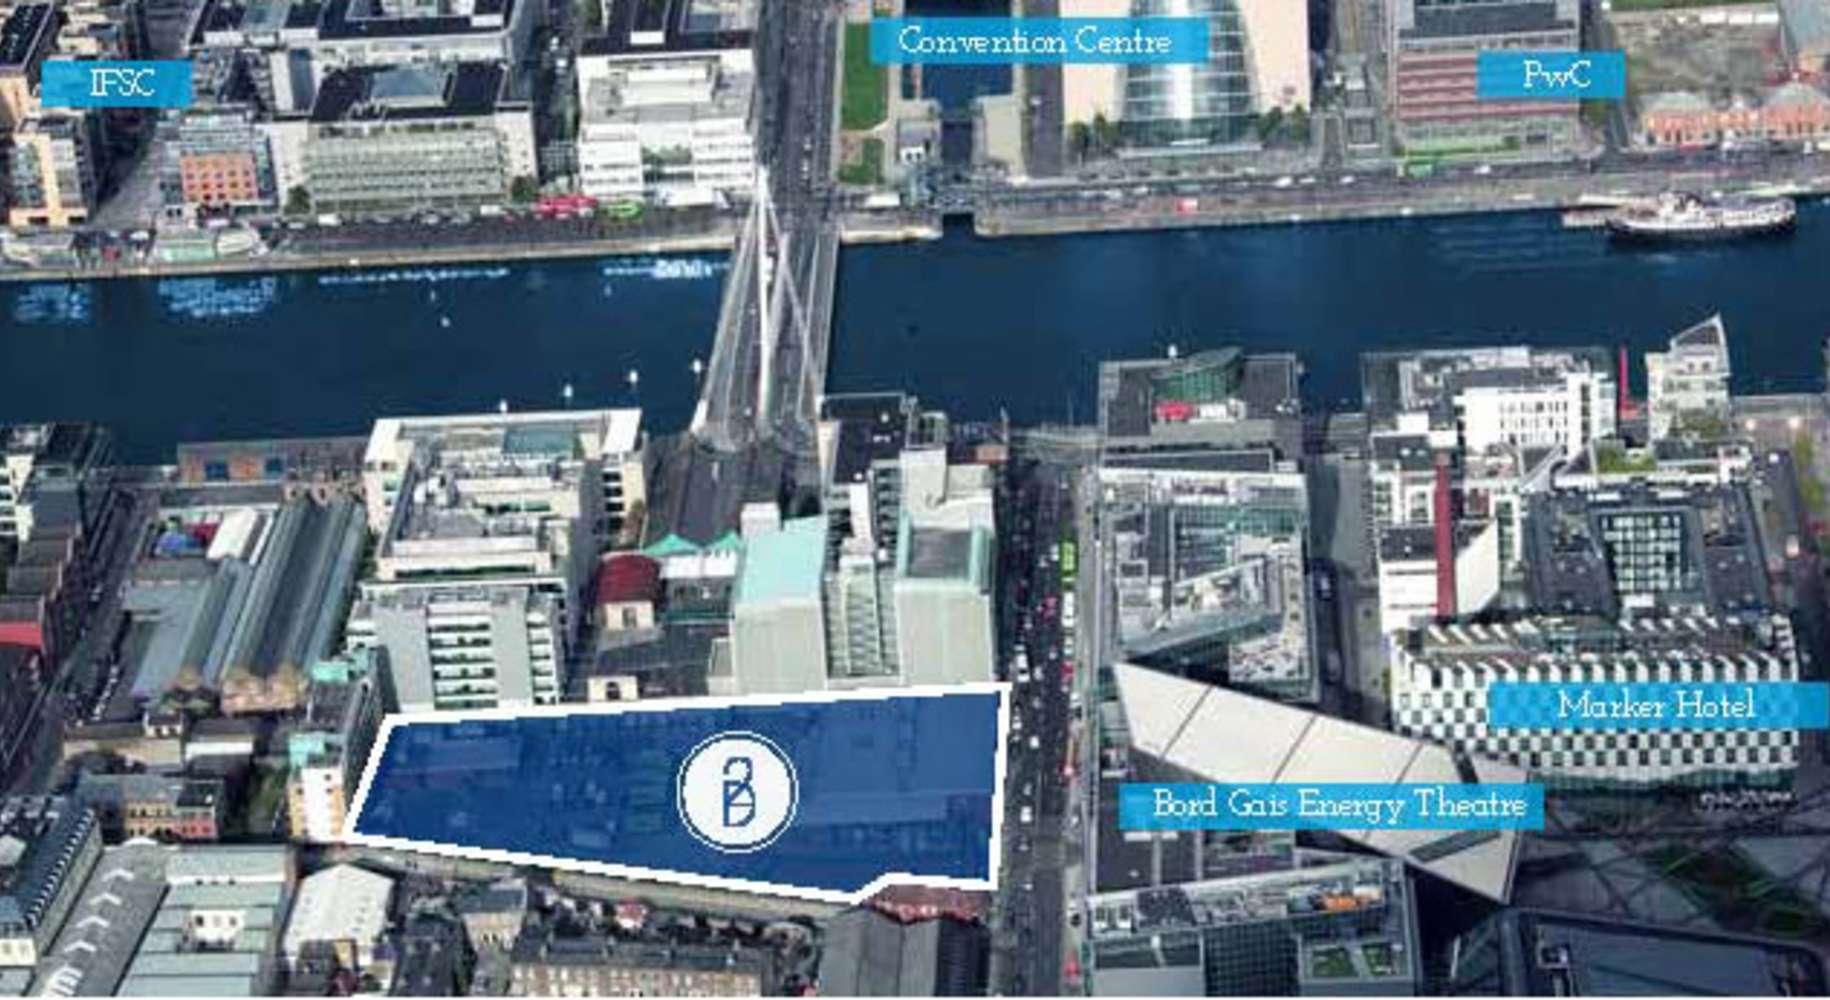 Development land Dublin 2,  - Development Opportunity - Cardiff Lane (An Post Premises)